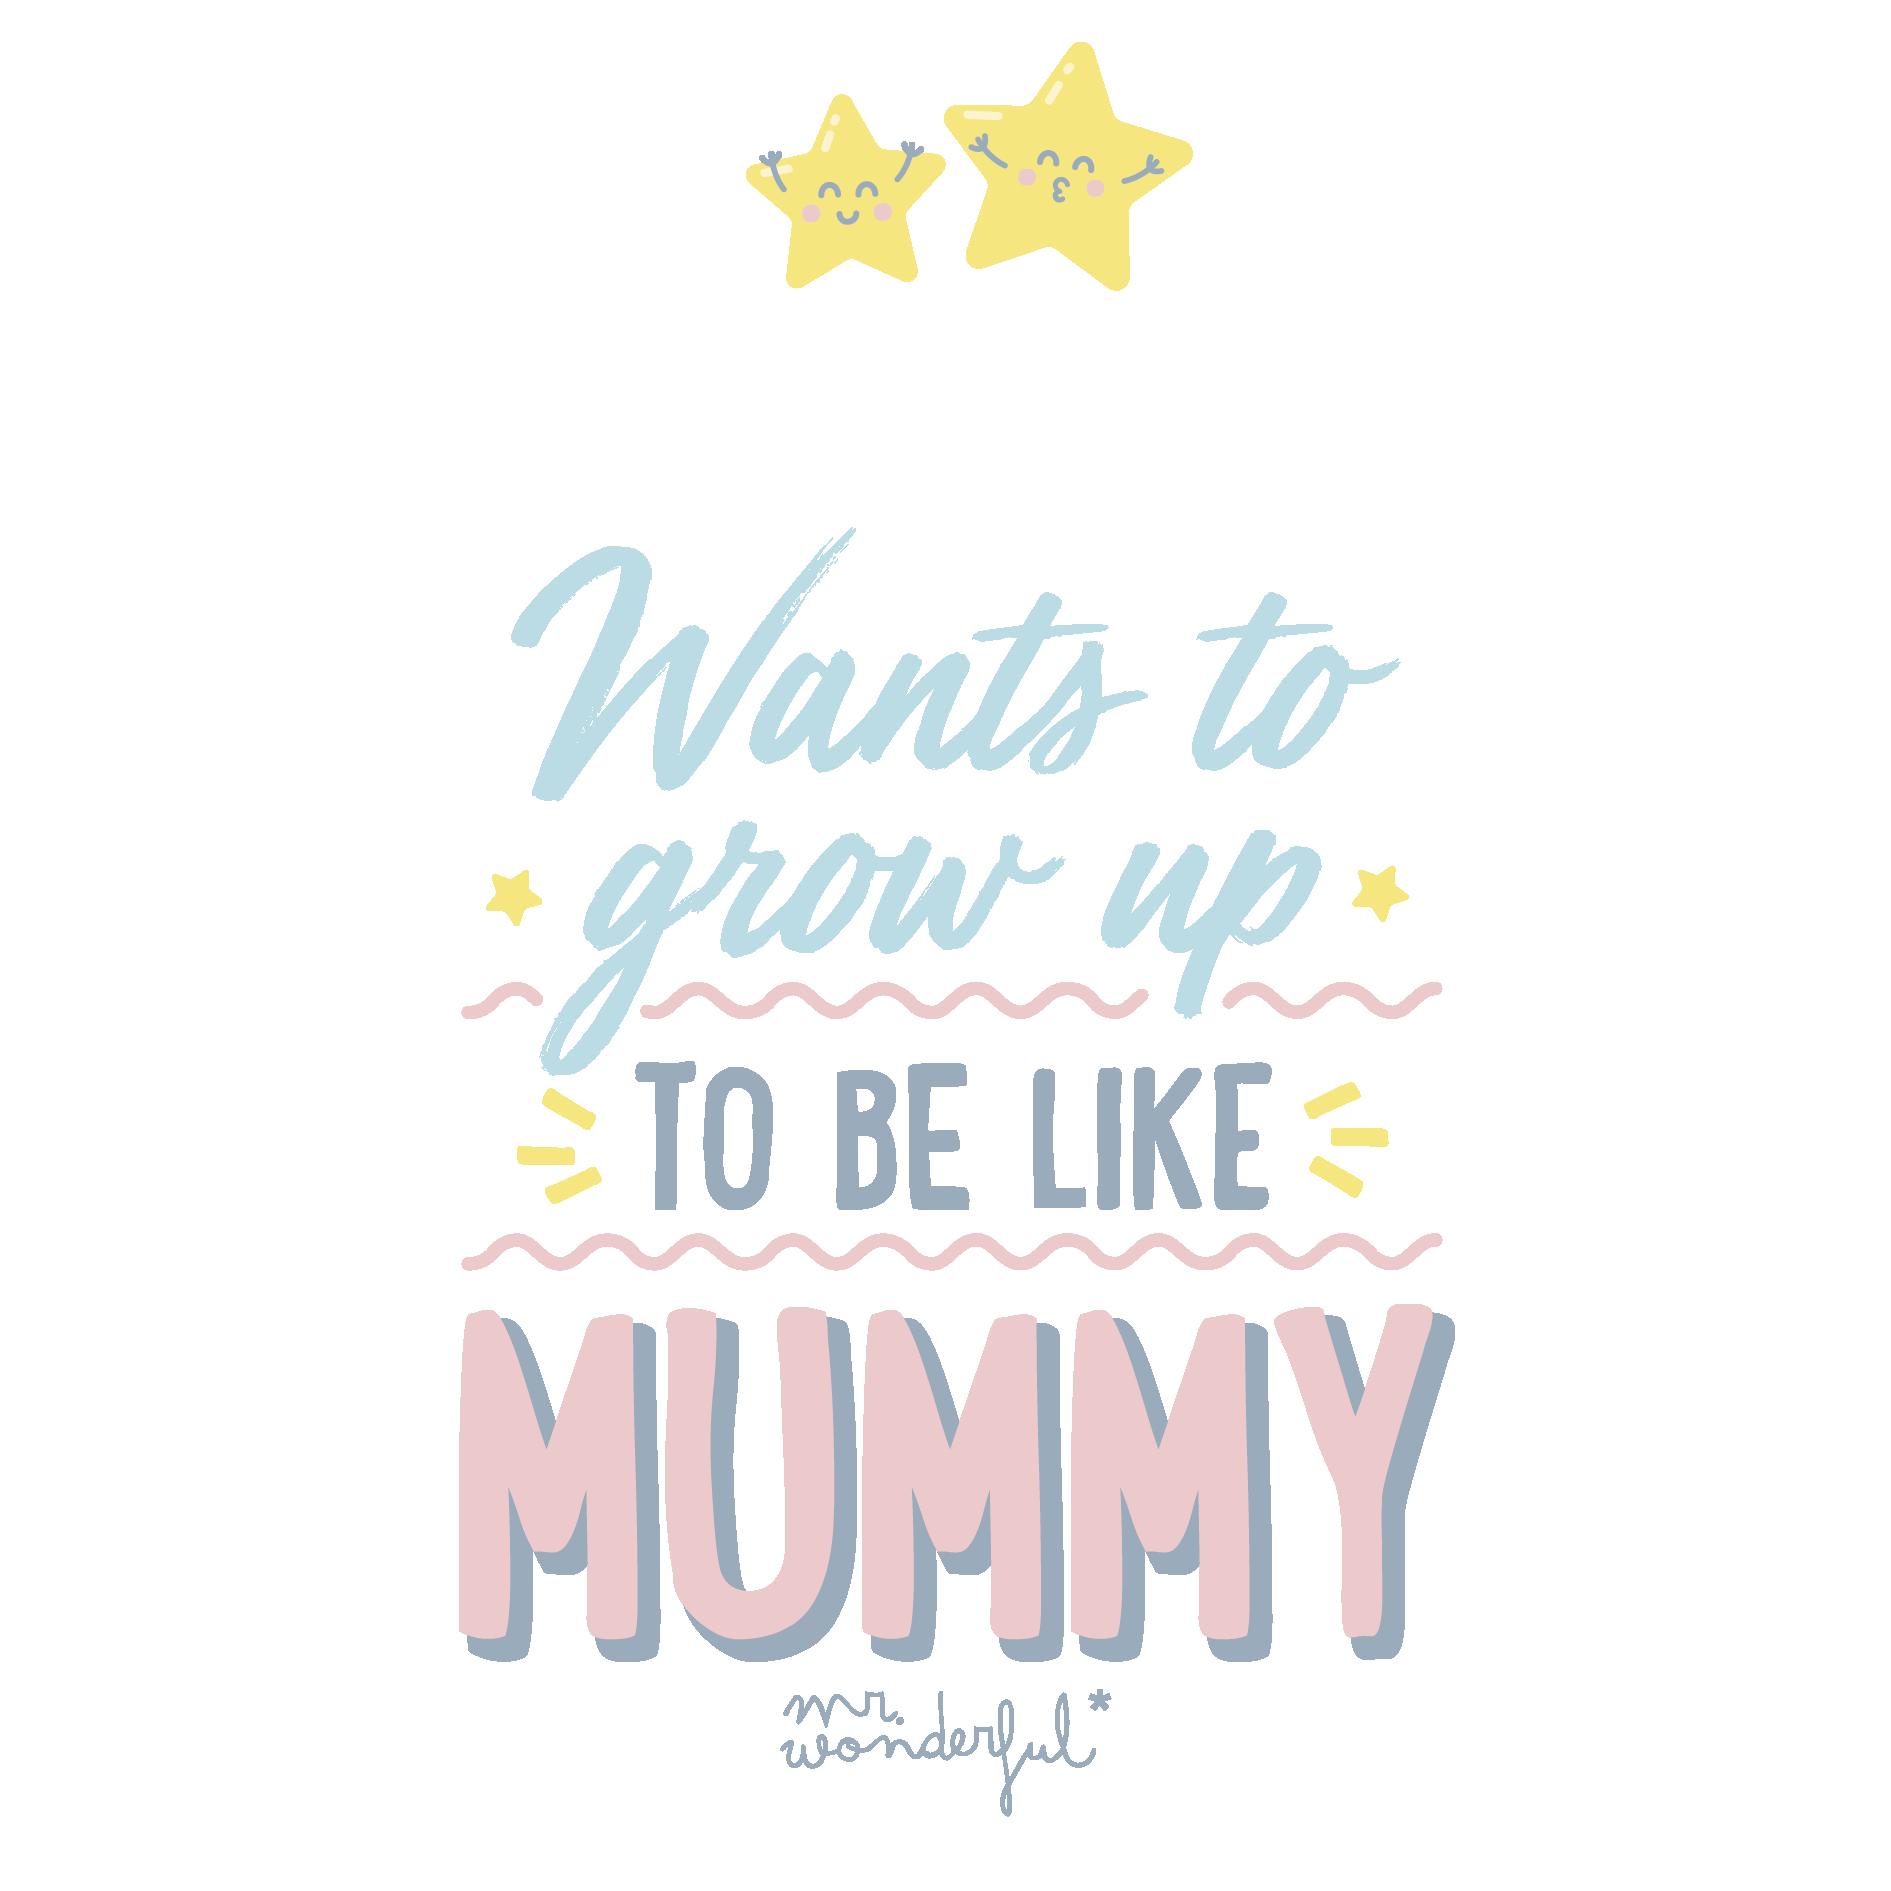 To be like mummy